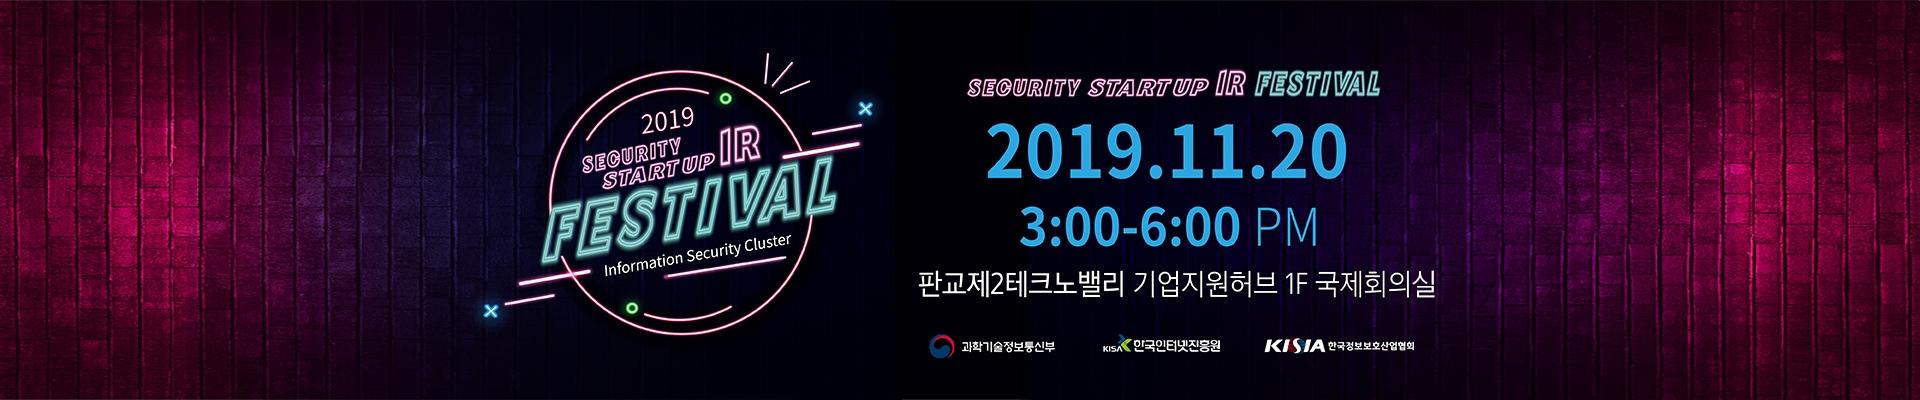 이벤터스_[한국인터넷진흥원X스파크랩] Security Start-up IR Festival